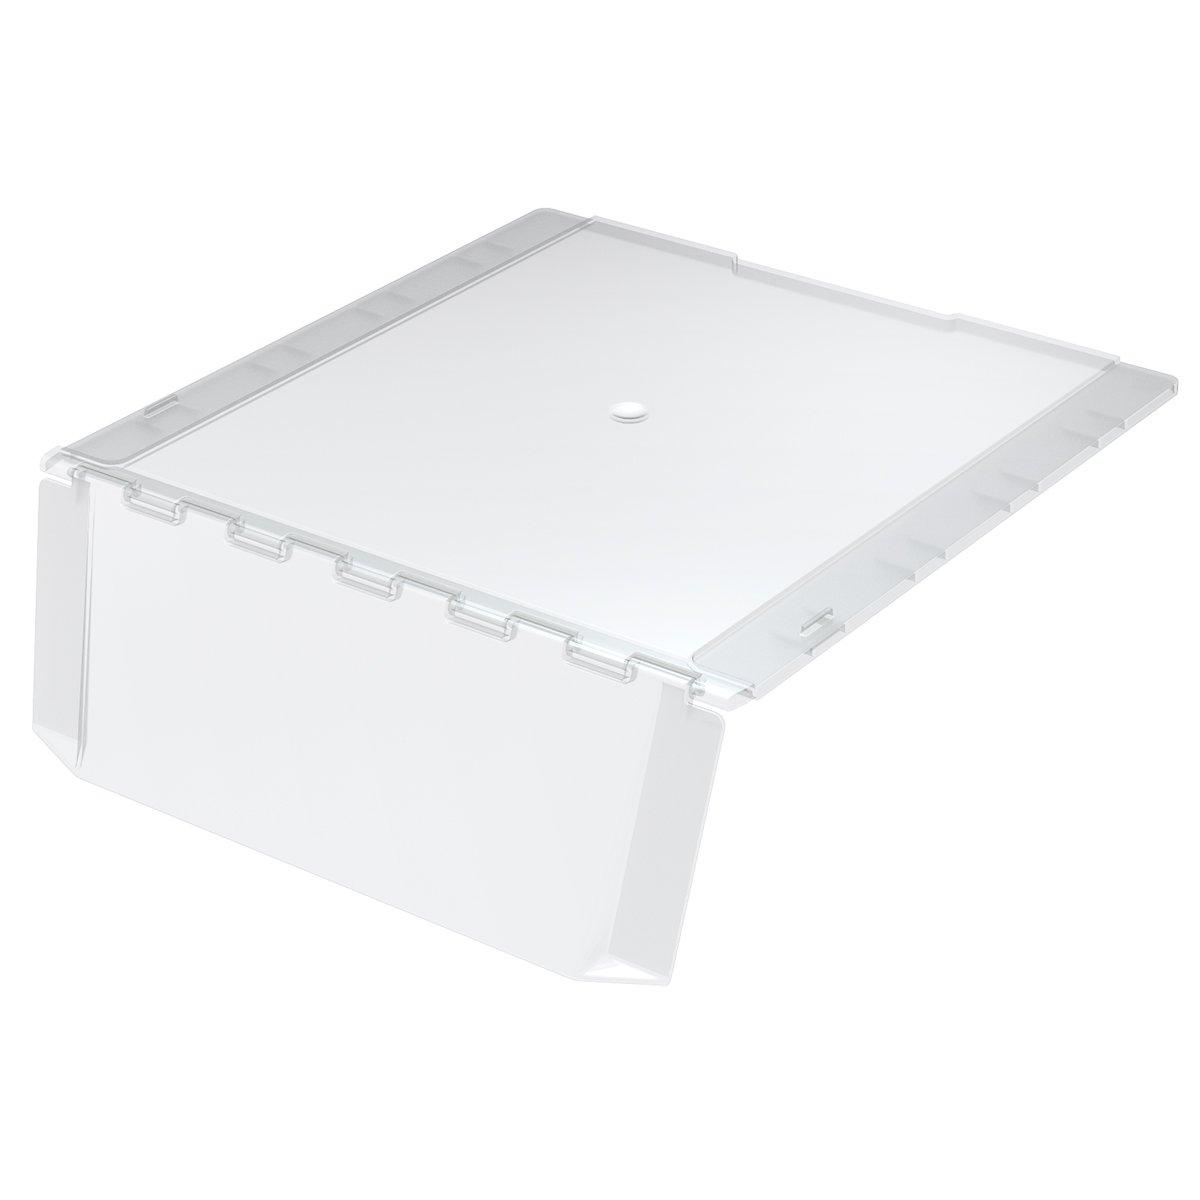 Akro-Mils 30283L Lid for Super-Size AkroBin, Clear